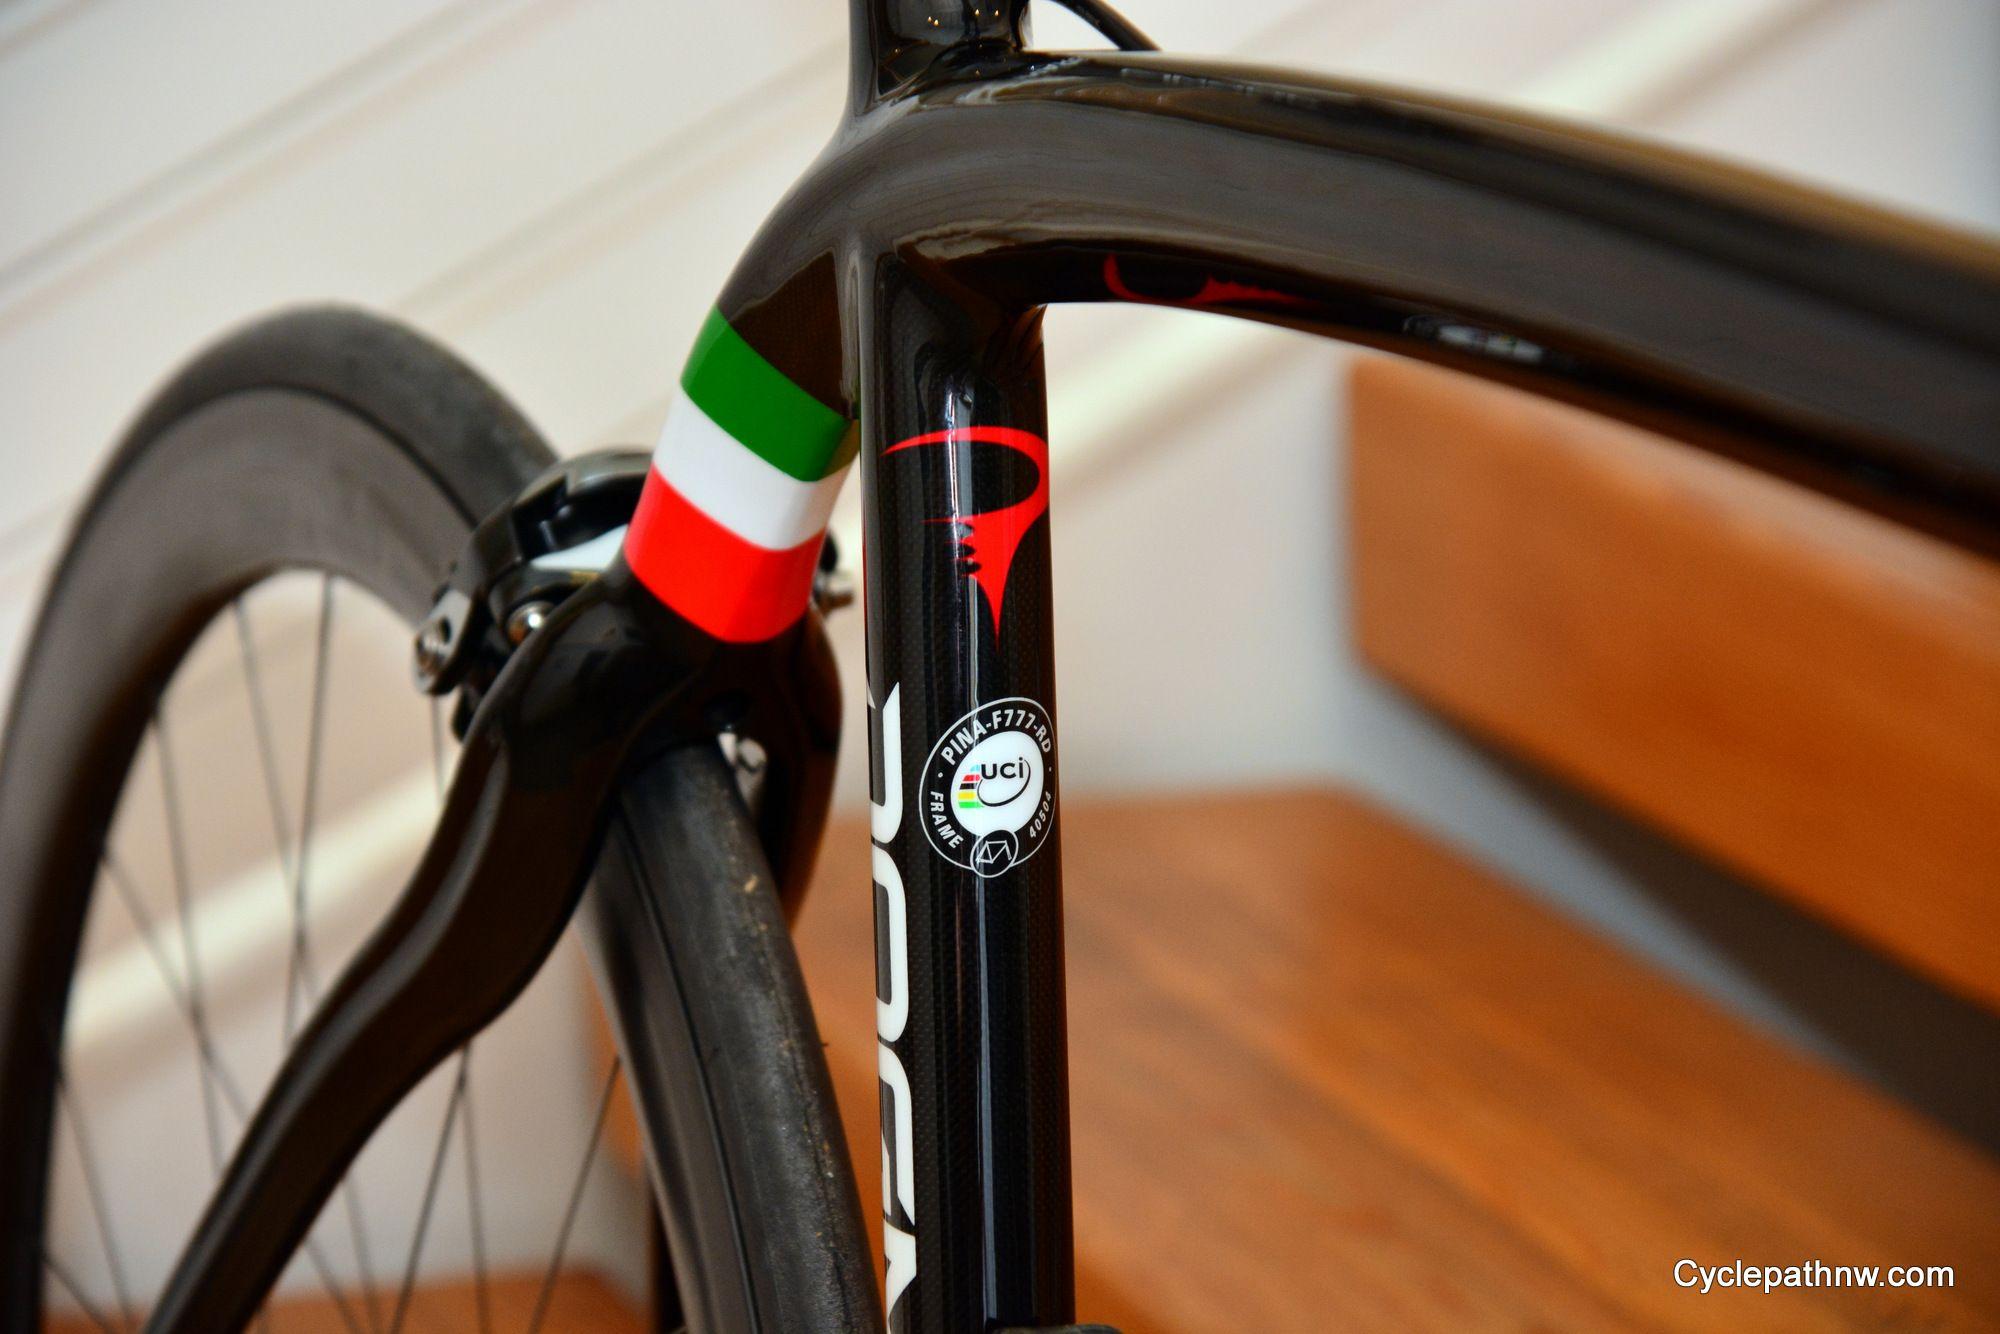 Pinarello Dogma 65 1 Think 2 Uci Tag Bike Shop Cool Bikes Bike